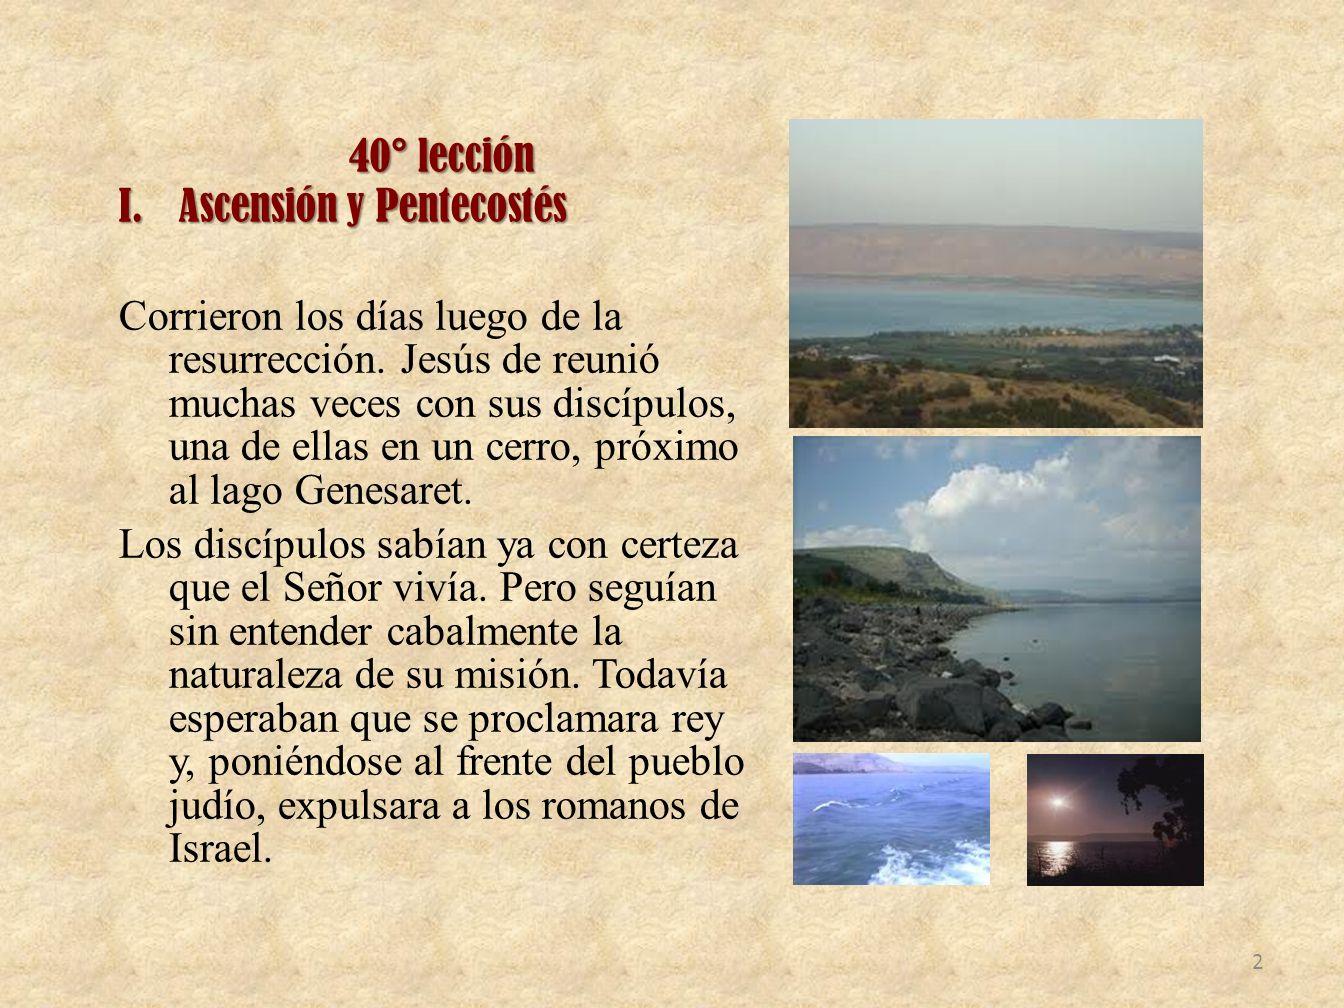 40° lección Ascensión y Pentecostés.